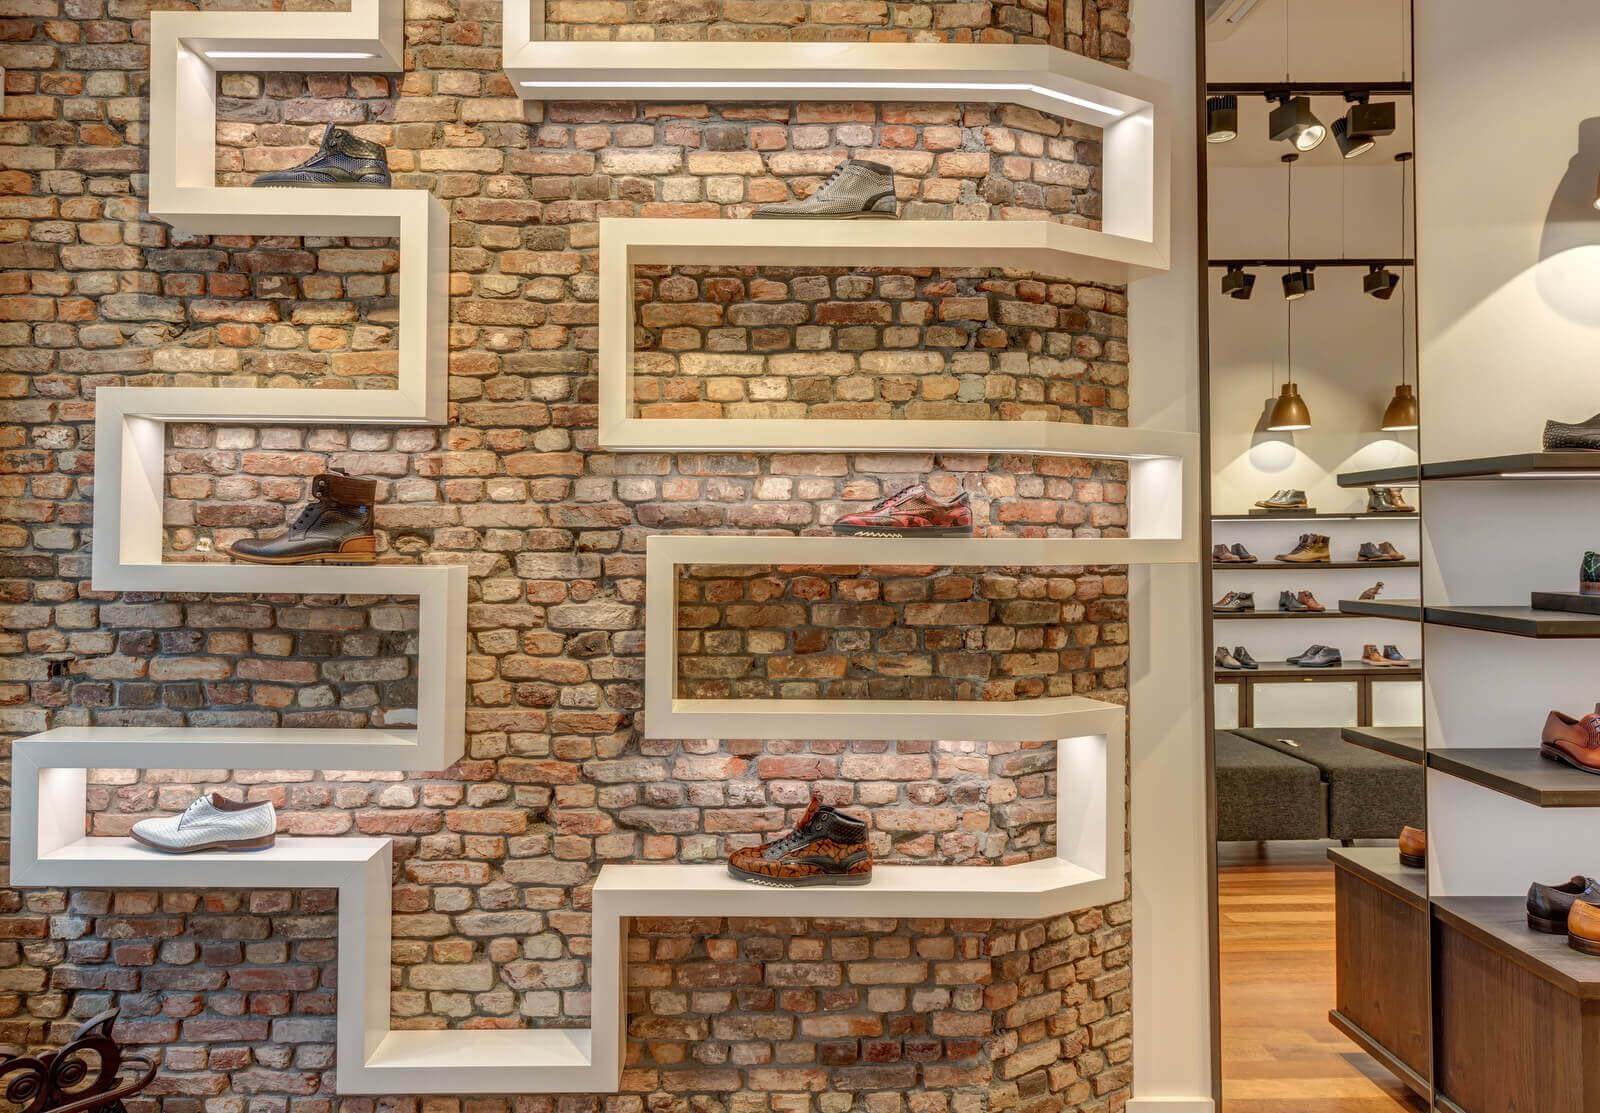 einzelhandel-fotograf-hamburg-retail-shop-interieur-laden-business-3